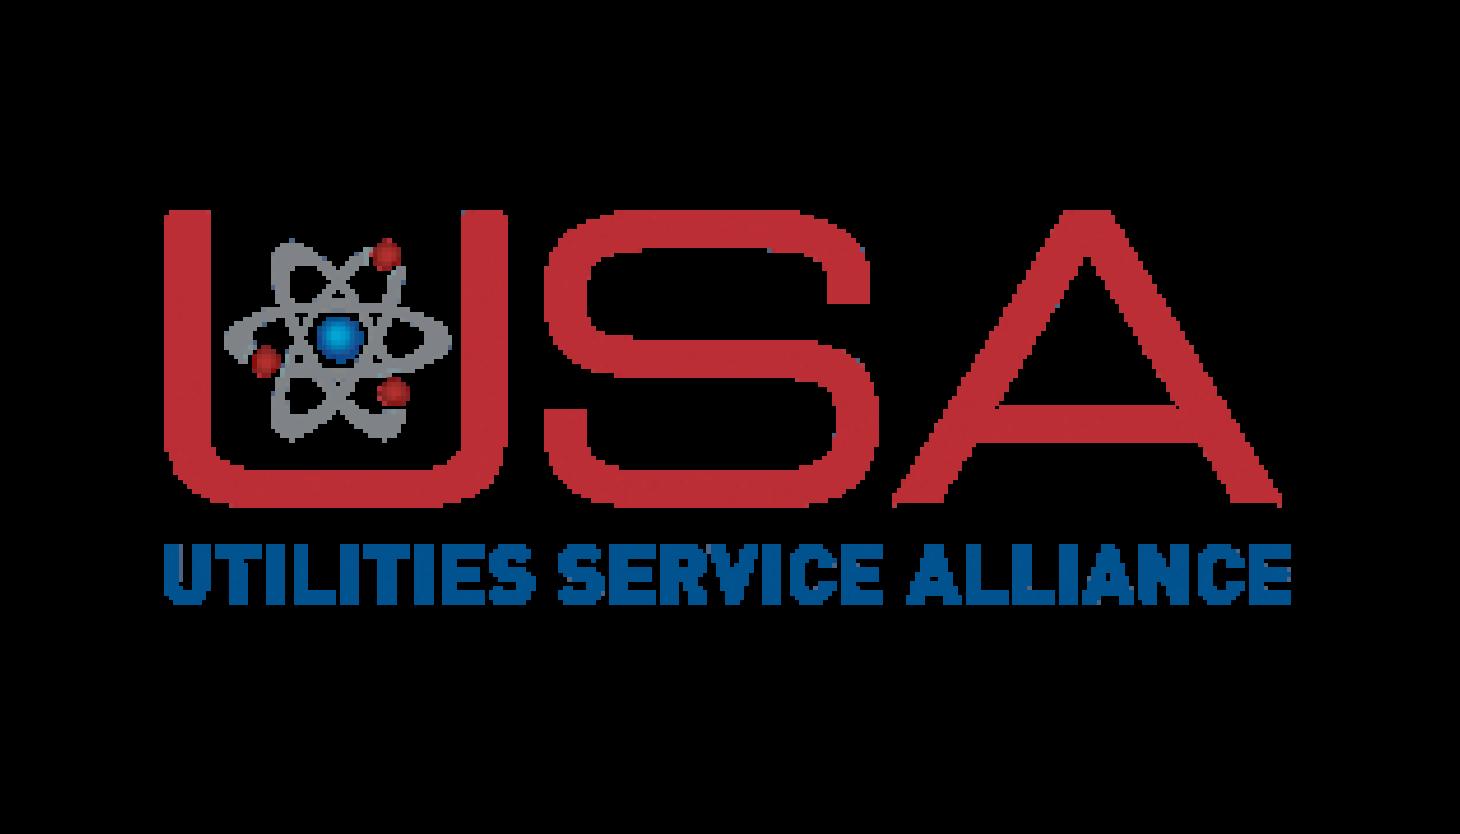 DevonWay-Logos-Scroller-USA